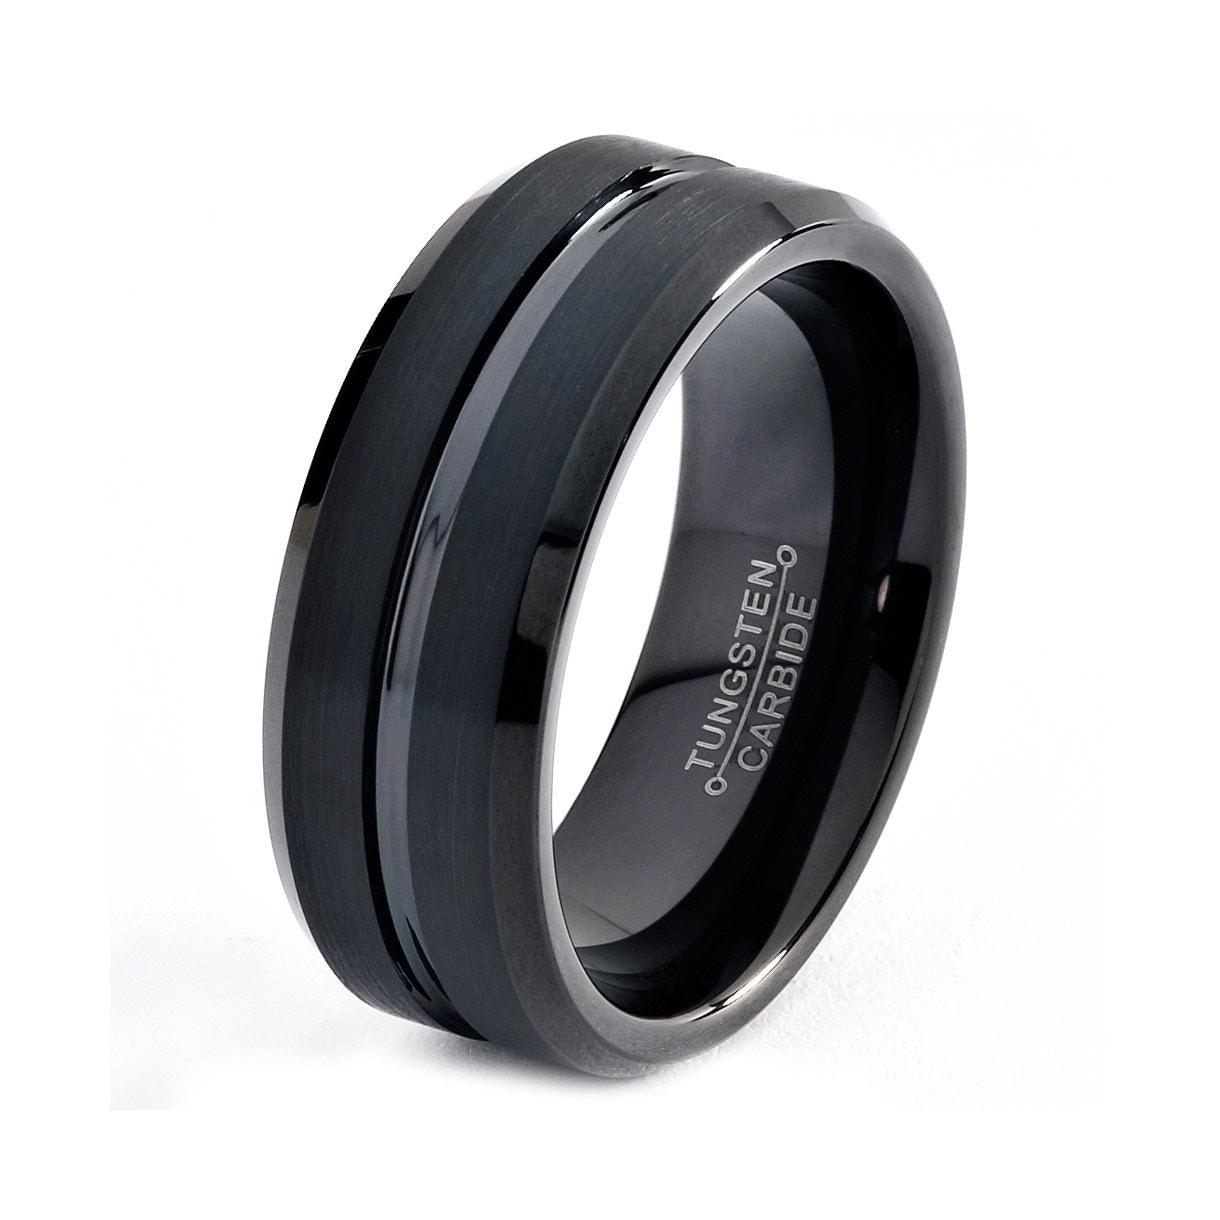 Rings For Men Black Tungsten Rings For Men Camo Black